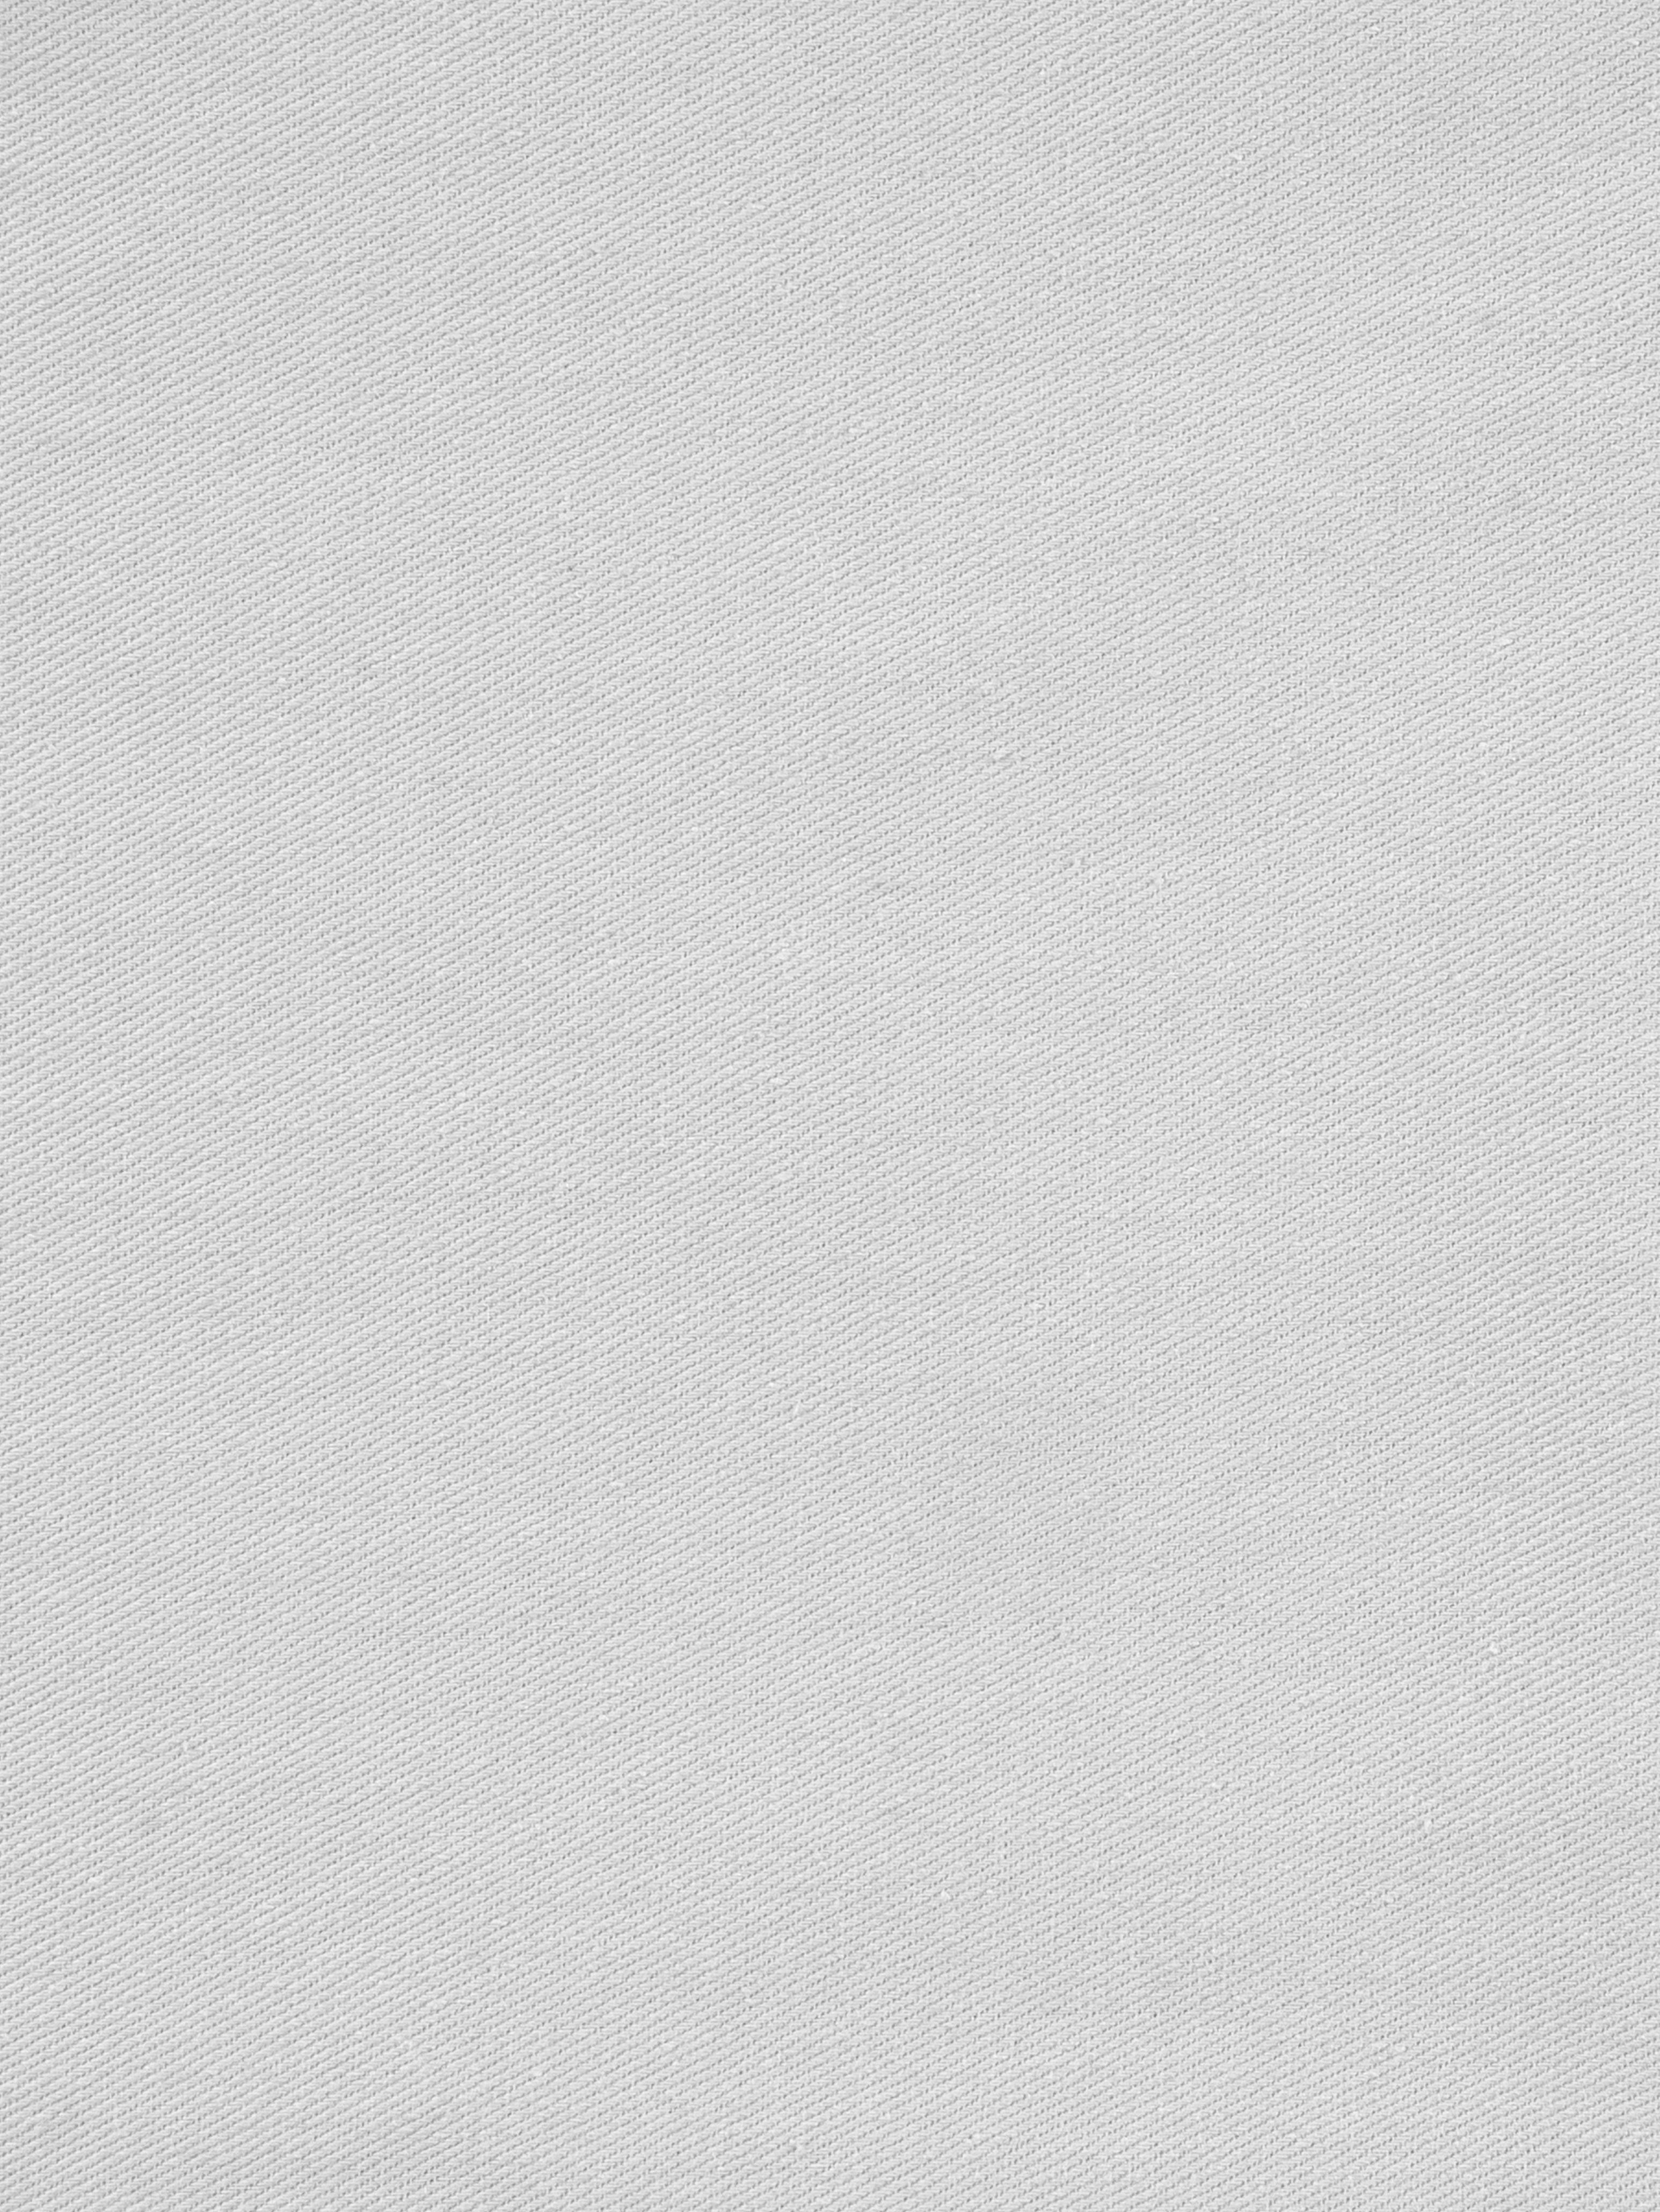 Samt-Kissenhülle Phoeby in Hellgrau mit Fransen, 100% Baumwolle, Hellgrau, 40 x 40 cm